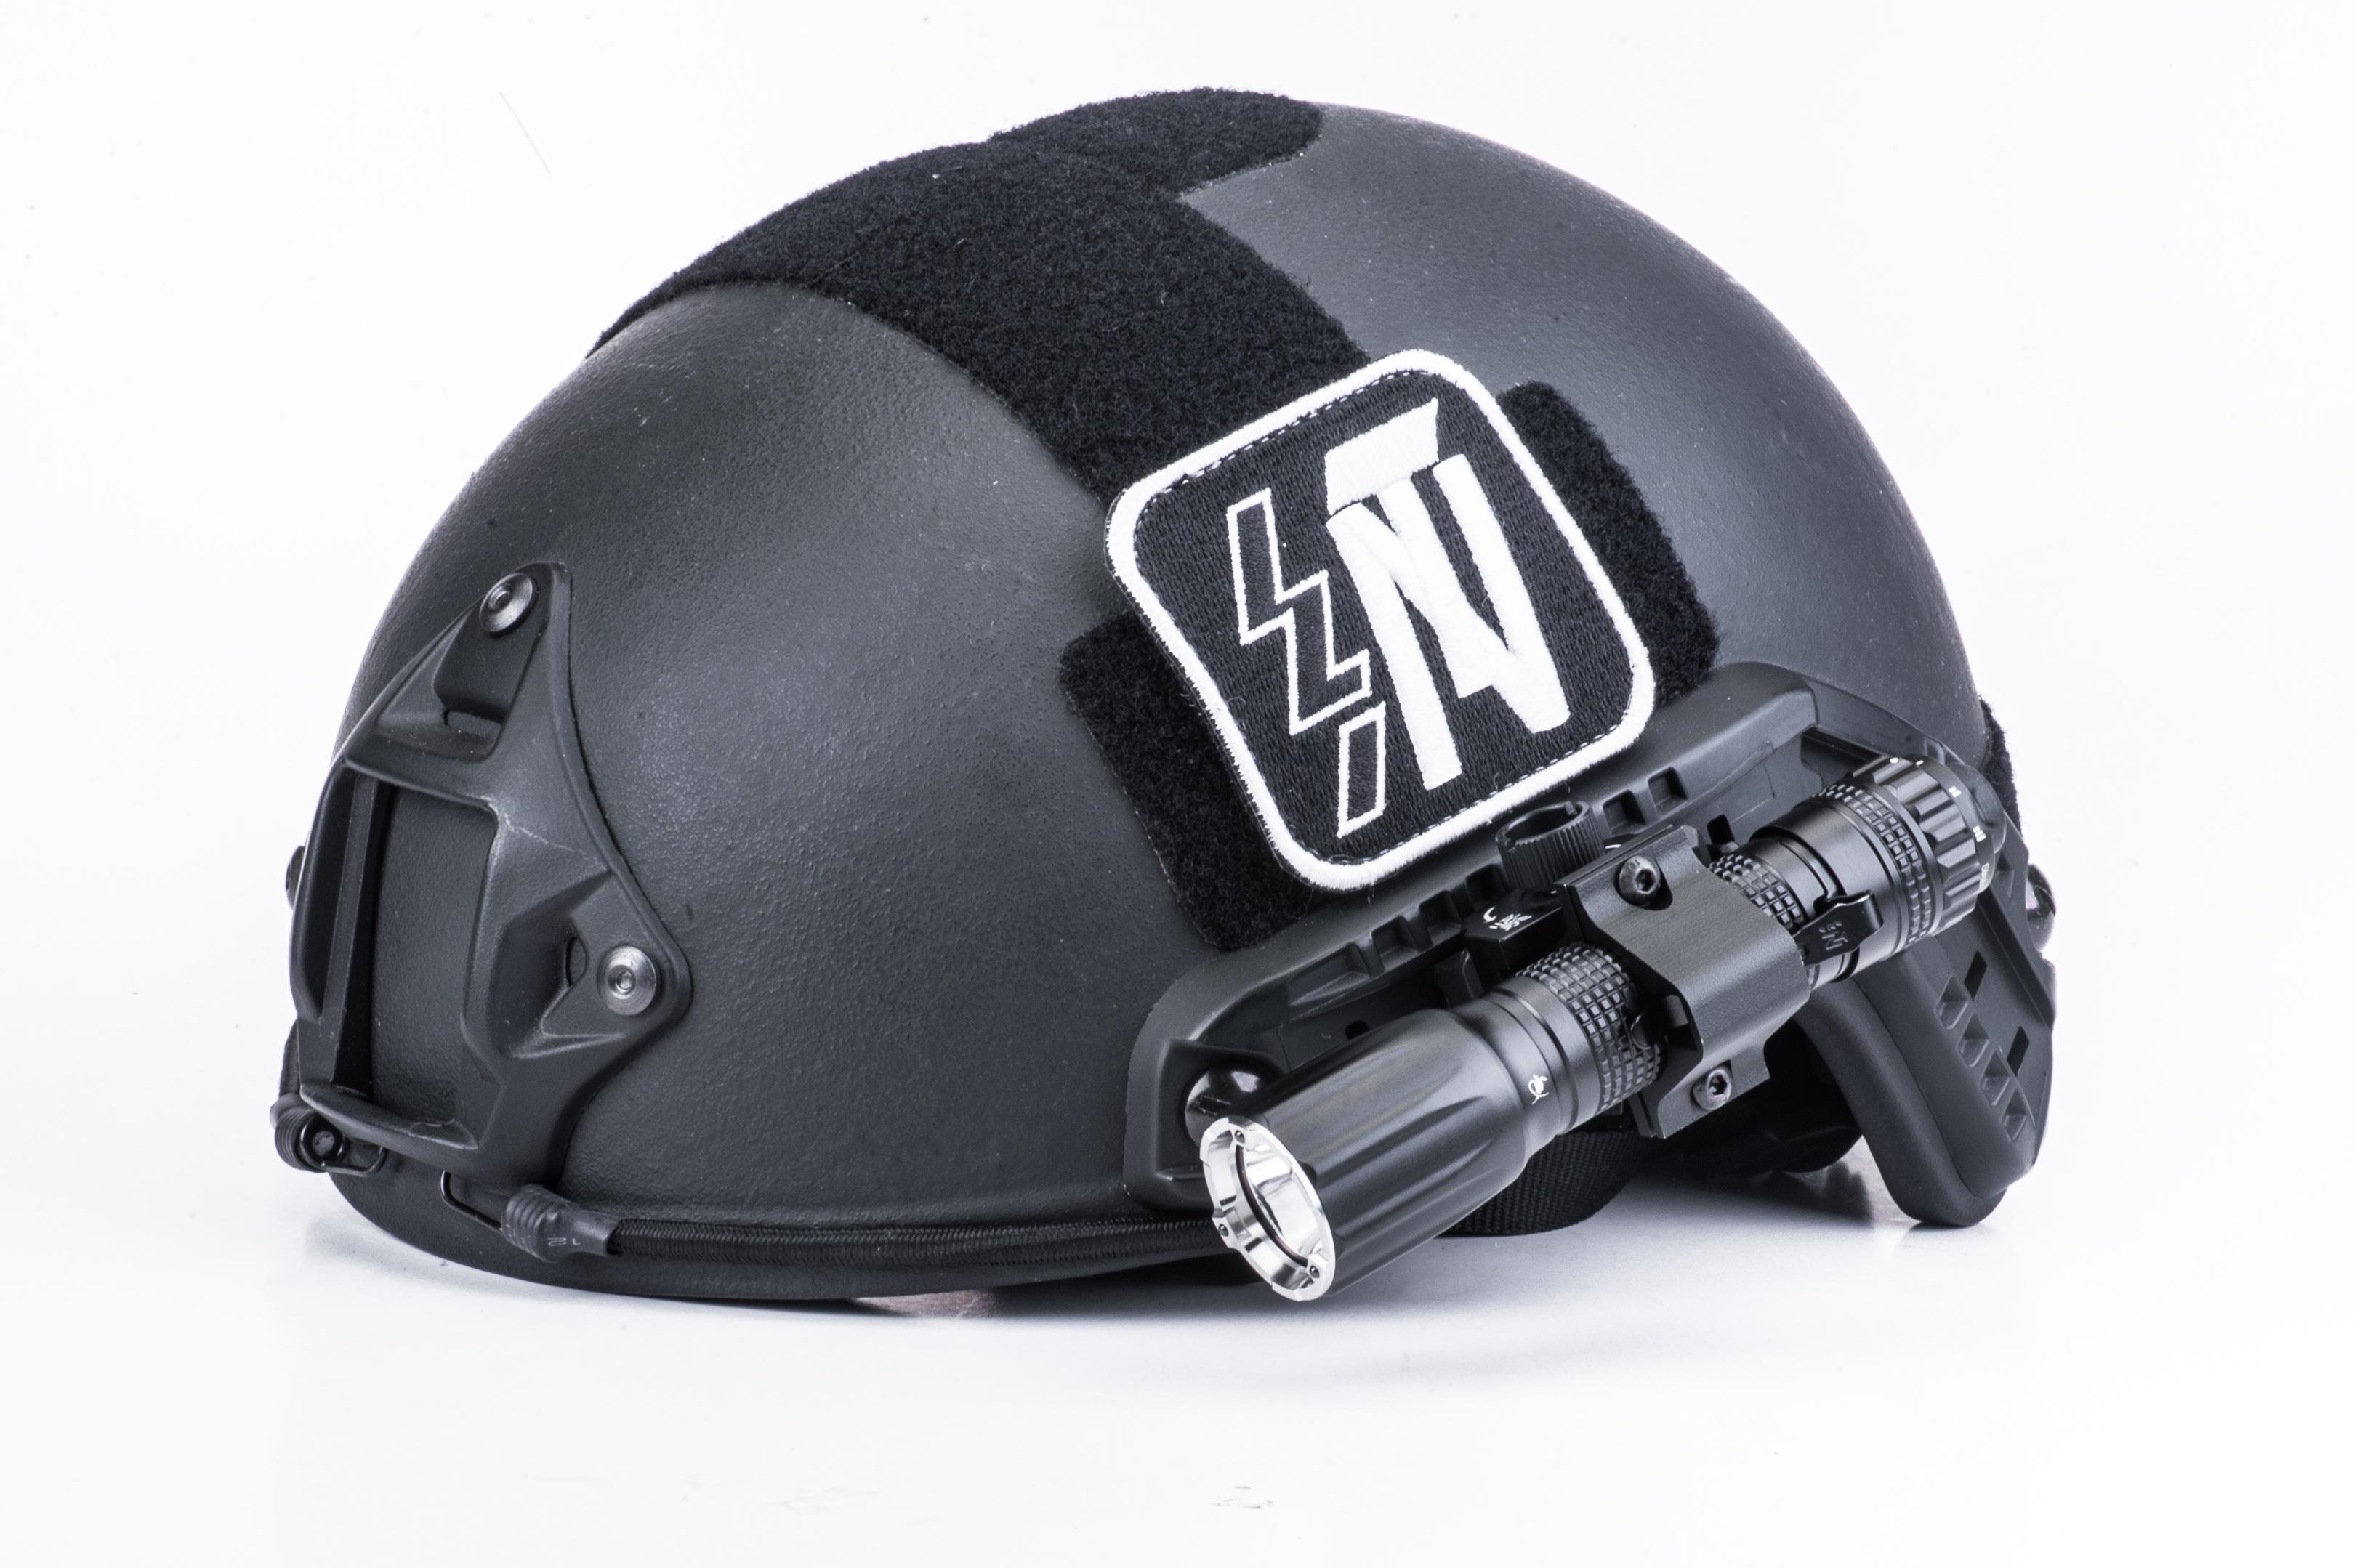 NEXTORCH Helmhalterung für Taschenlampen, schwenkbar